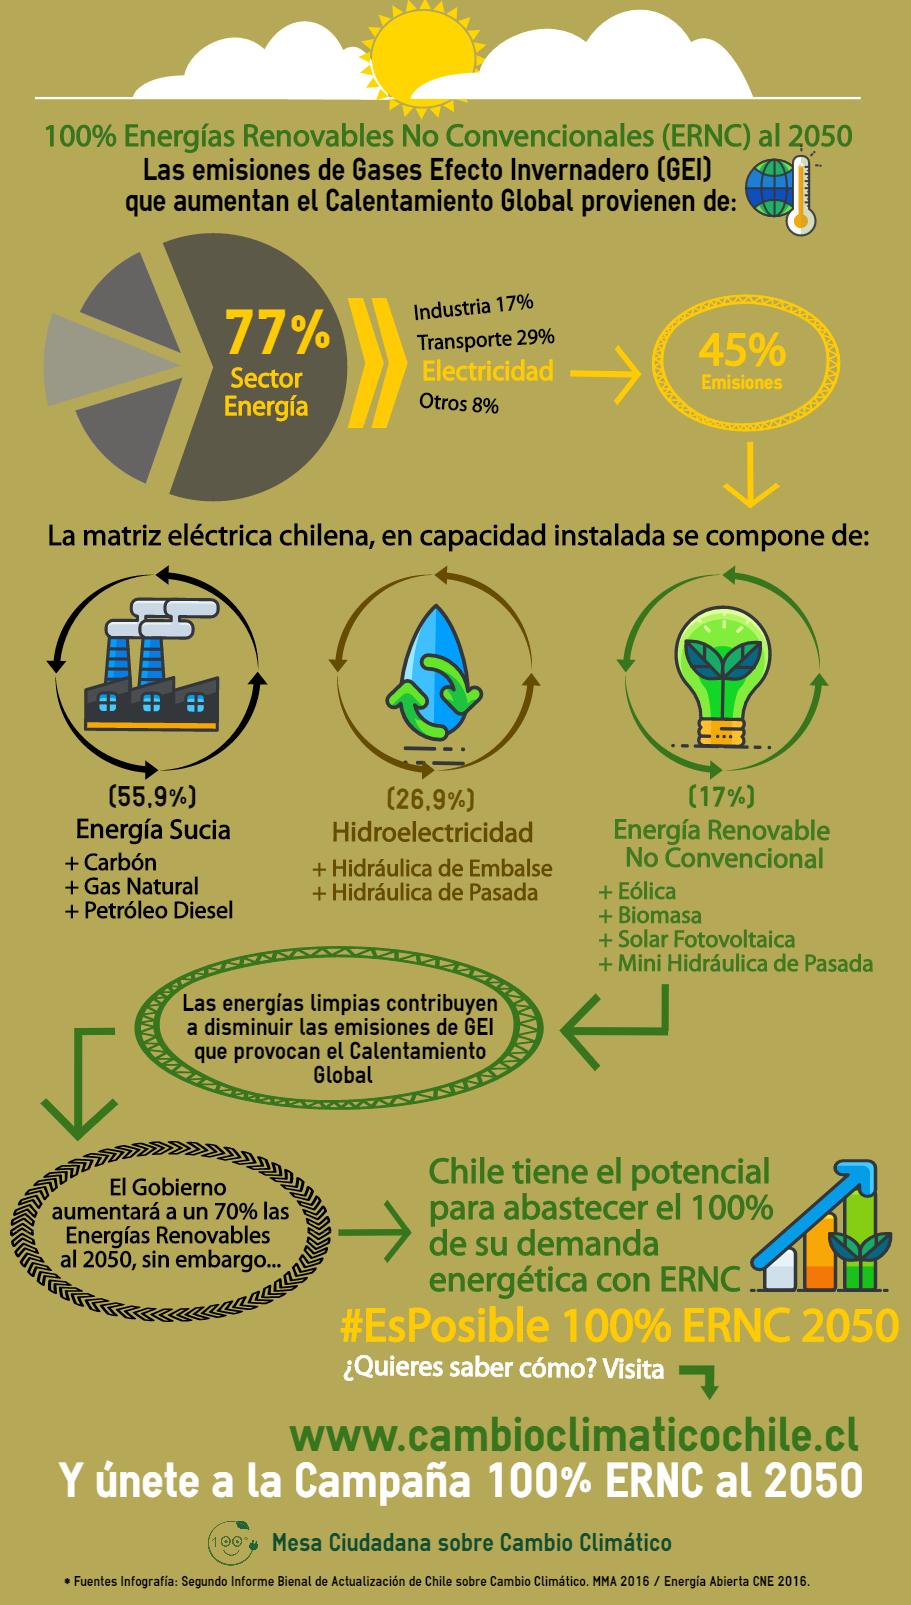 Infografía (1) Campaña 100% ERNC al 2050